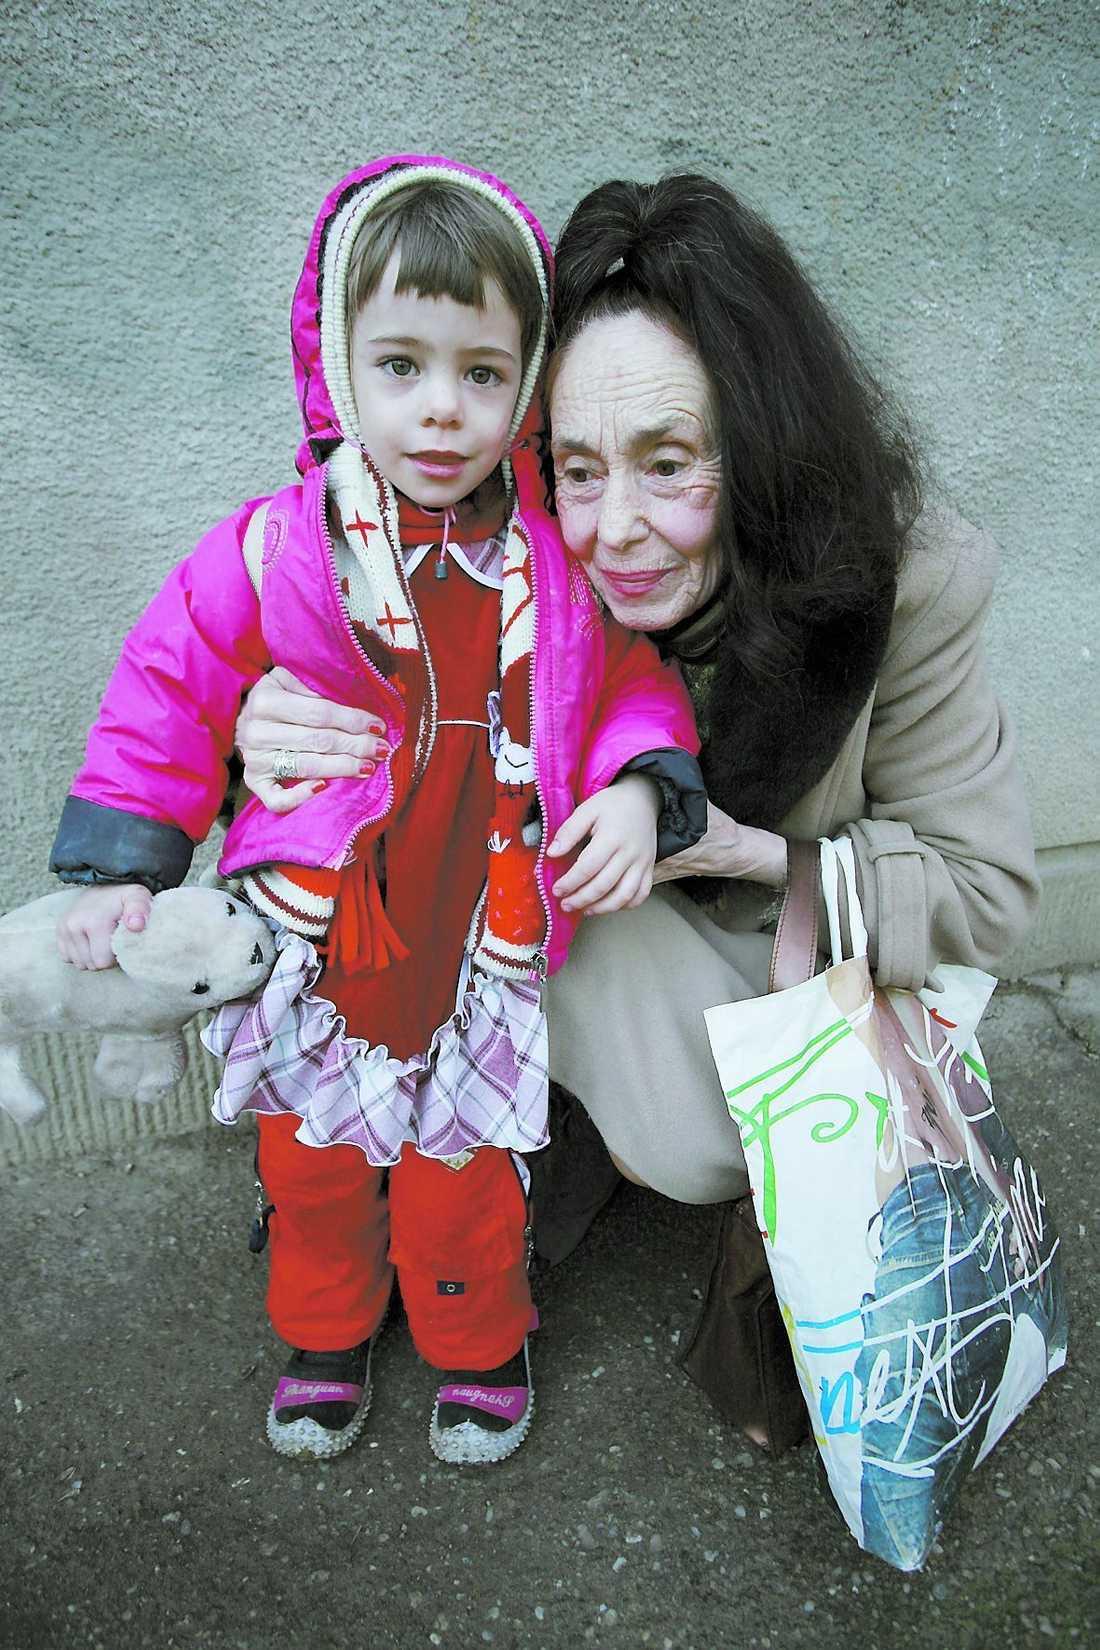 efterlängtad Adriana Iliescu genomgick flera påfrestande fertilitetsbehandlingar innan hon lyckades bli mamma till lilla Eliza.